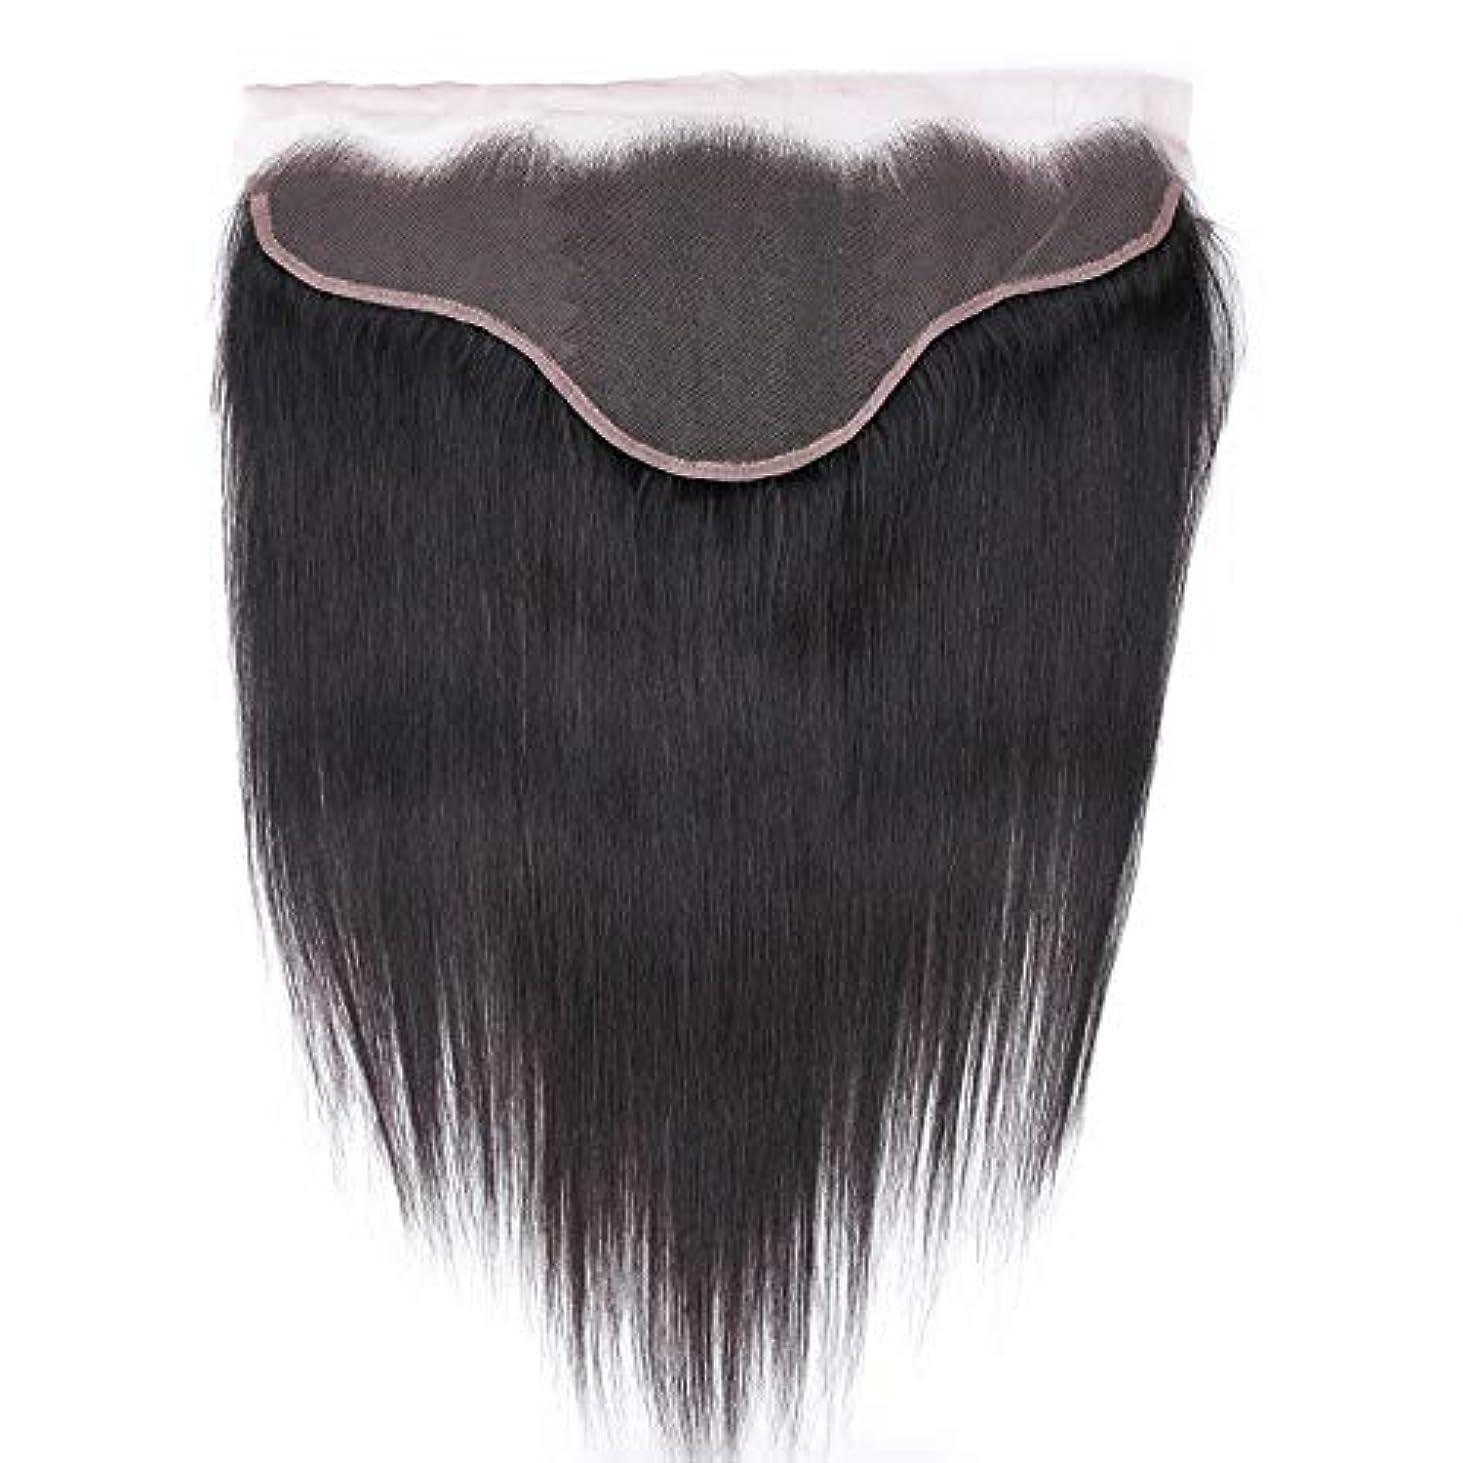 洋服追放する捨てるWASAIO 女性13X6のためのショートバングウィッグロングフィンガー波状のかつらストレートレースフロンタル閉鎖無料パートナチュラルブラックカラー (色 : 黒, サイズ : 18 inch)